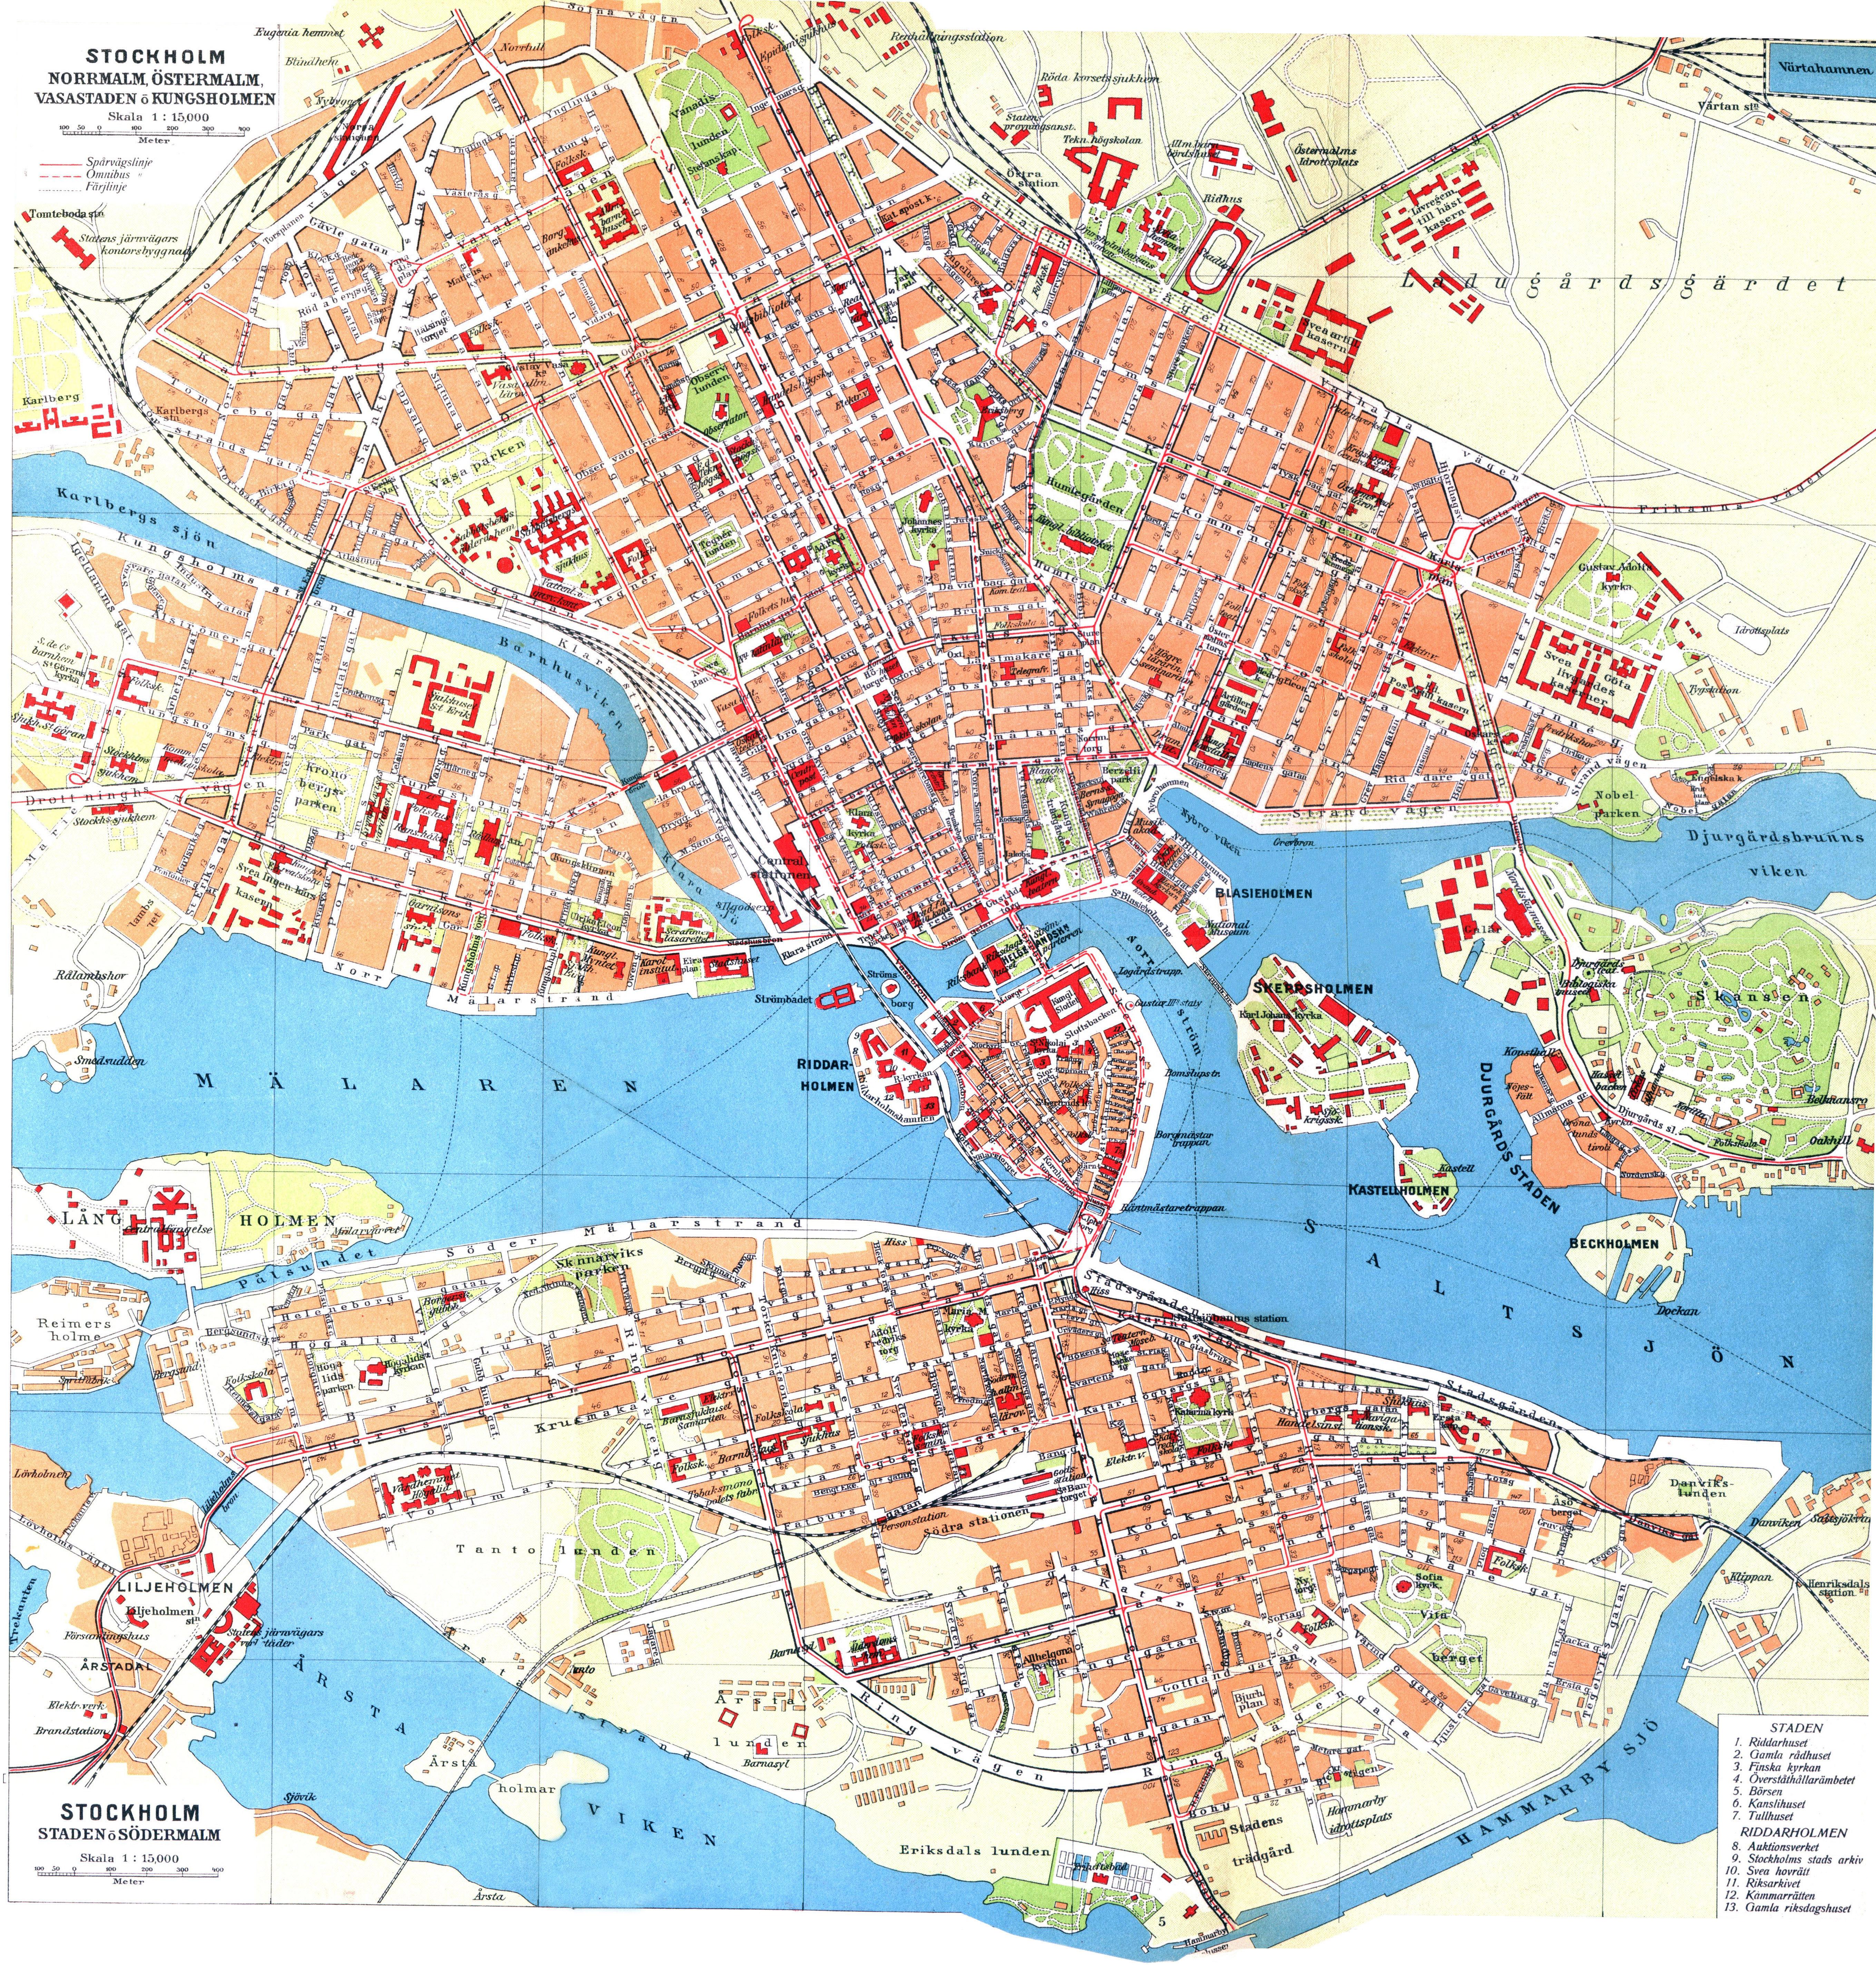 Grande Detallado Mapa Antiguo De Ciudad De Estocolmo Estocolmo